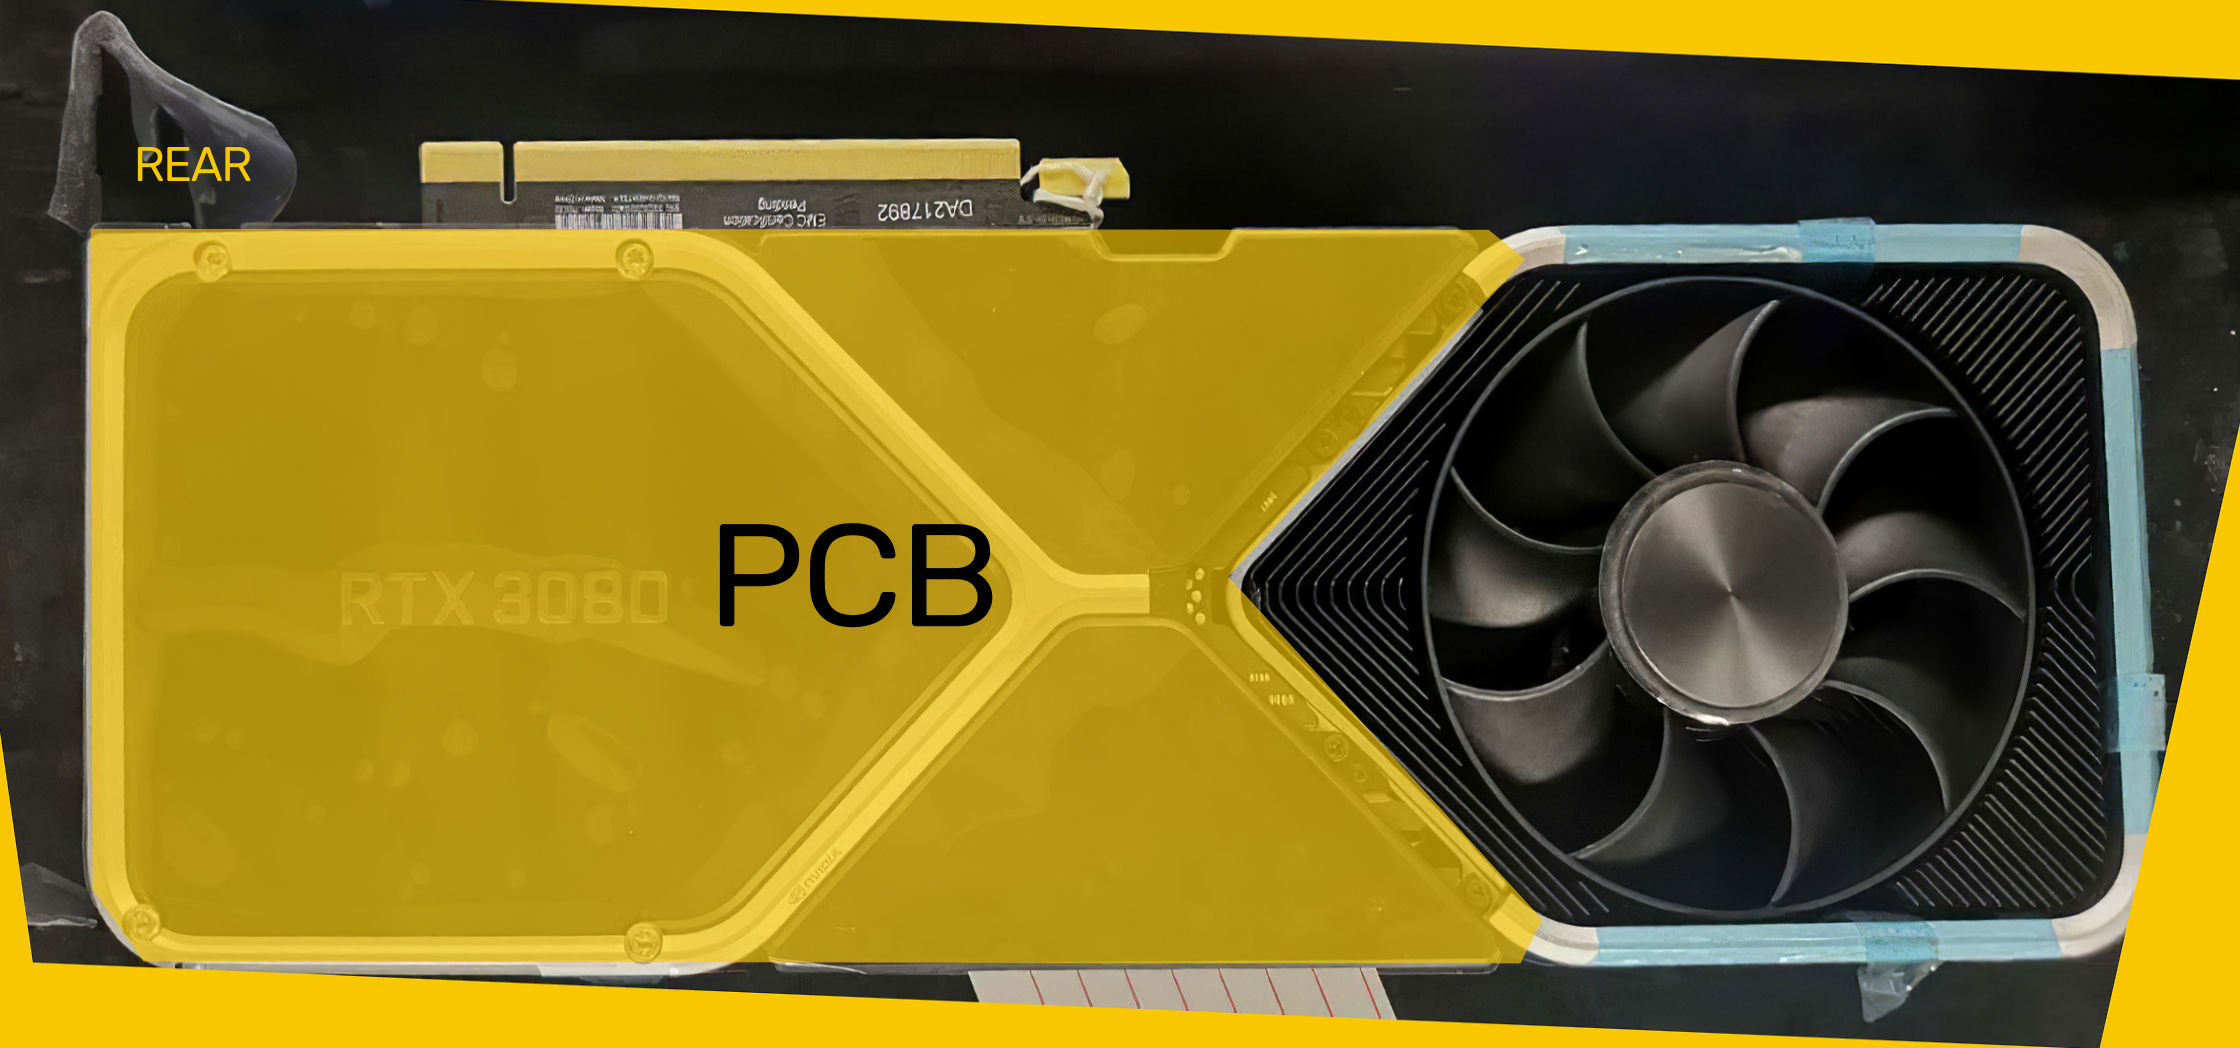 Слух: огромное энергопотребление топовых видеокарт Nvidia нового поколения потребовало усиление системы питания до 20фаз